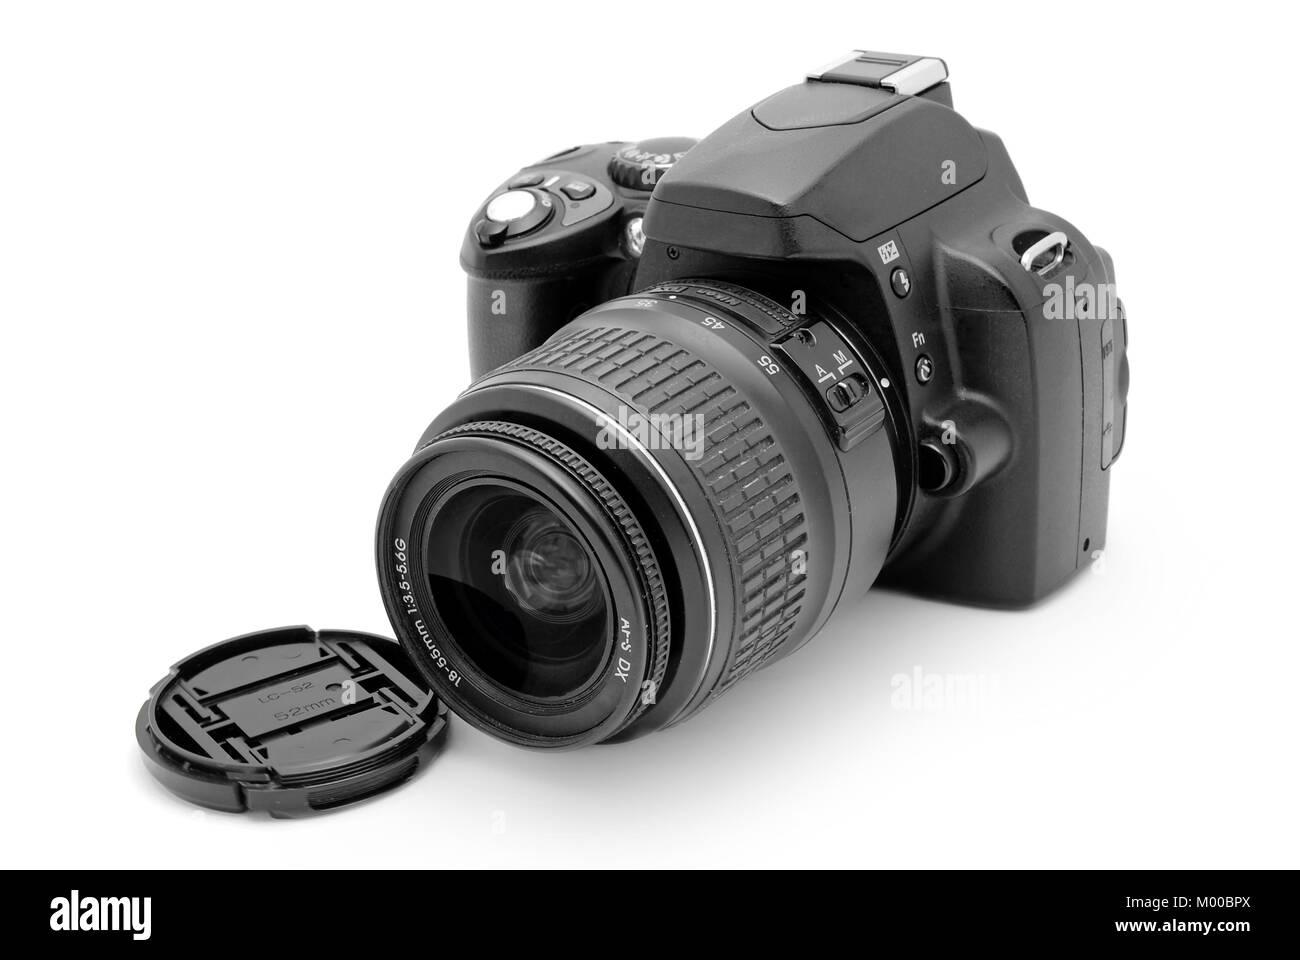 dslr photo camera isolated - Stock Image